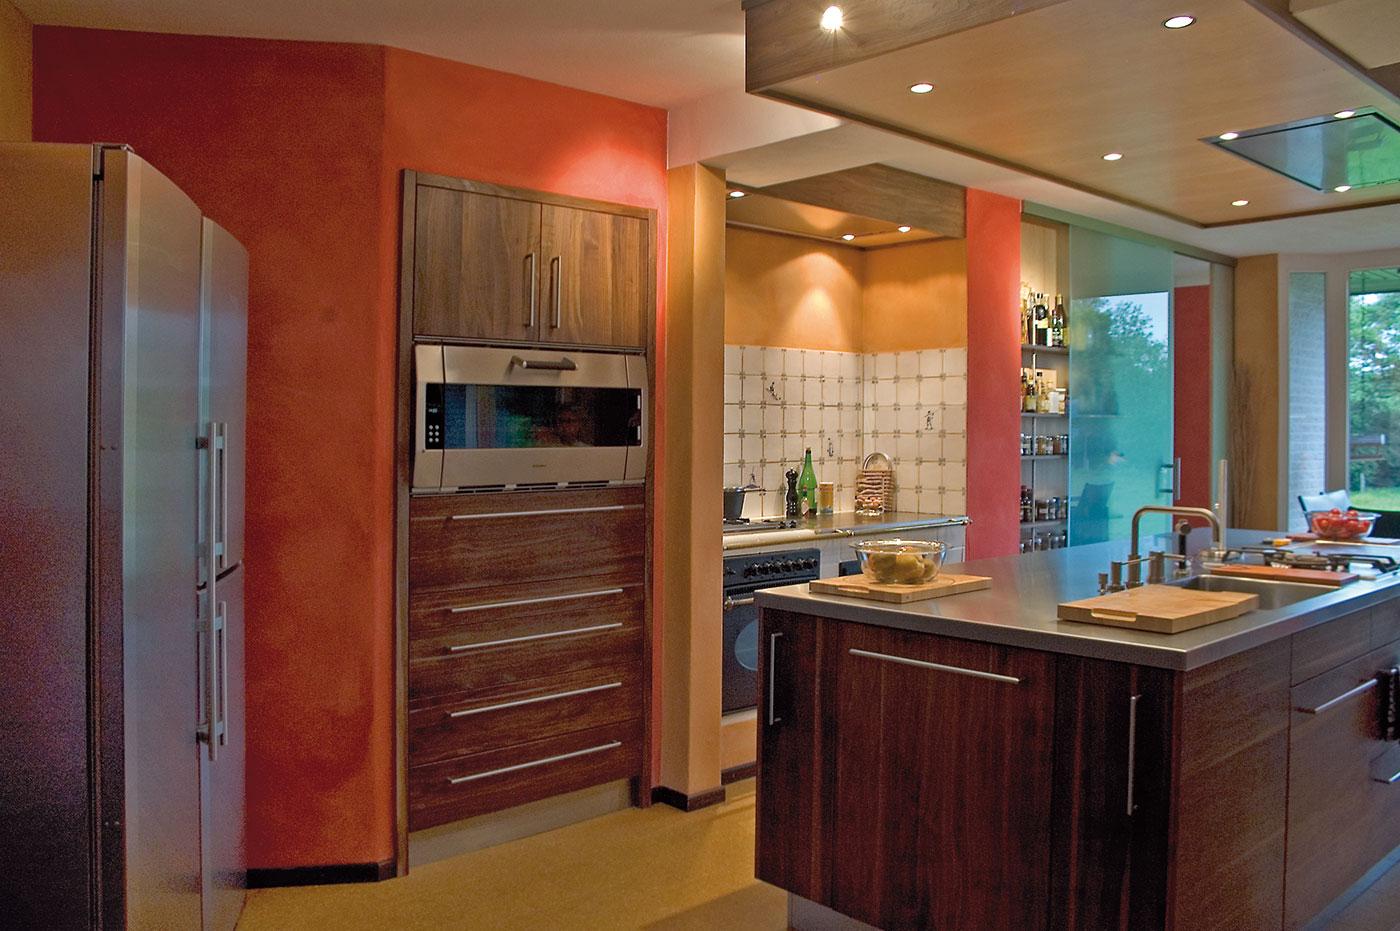 lehmfarbe greenline fachgro handel f r kologische wohnraumgestaltung nat rlich ist die. Black Bedroom Furniture Sets. Home Design Ideas